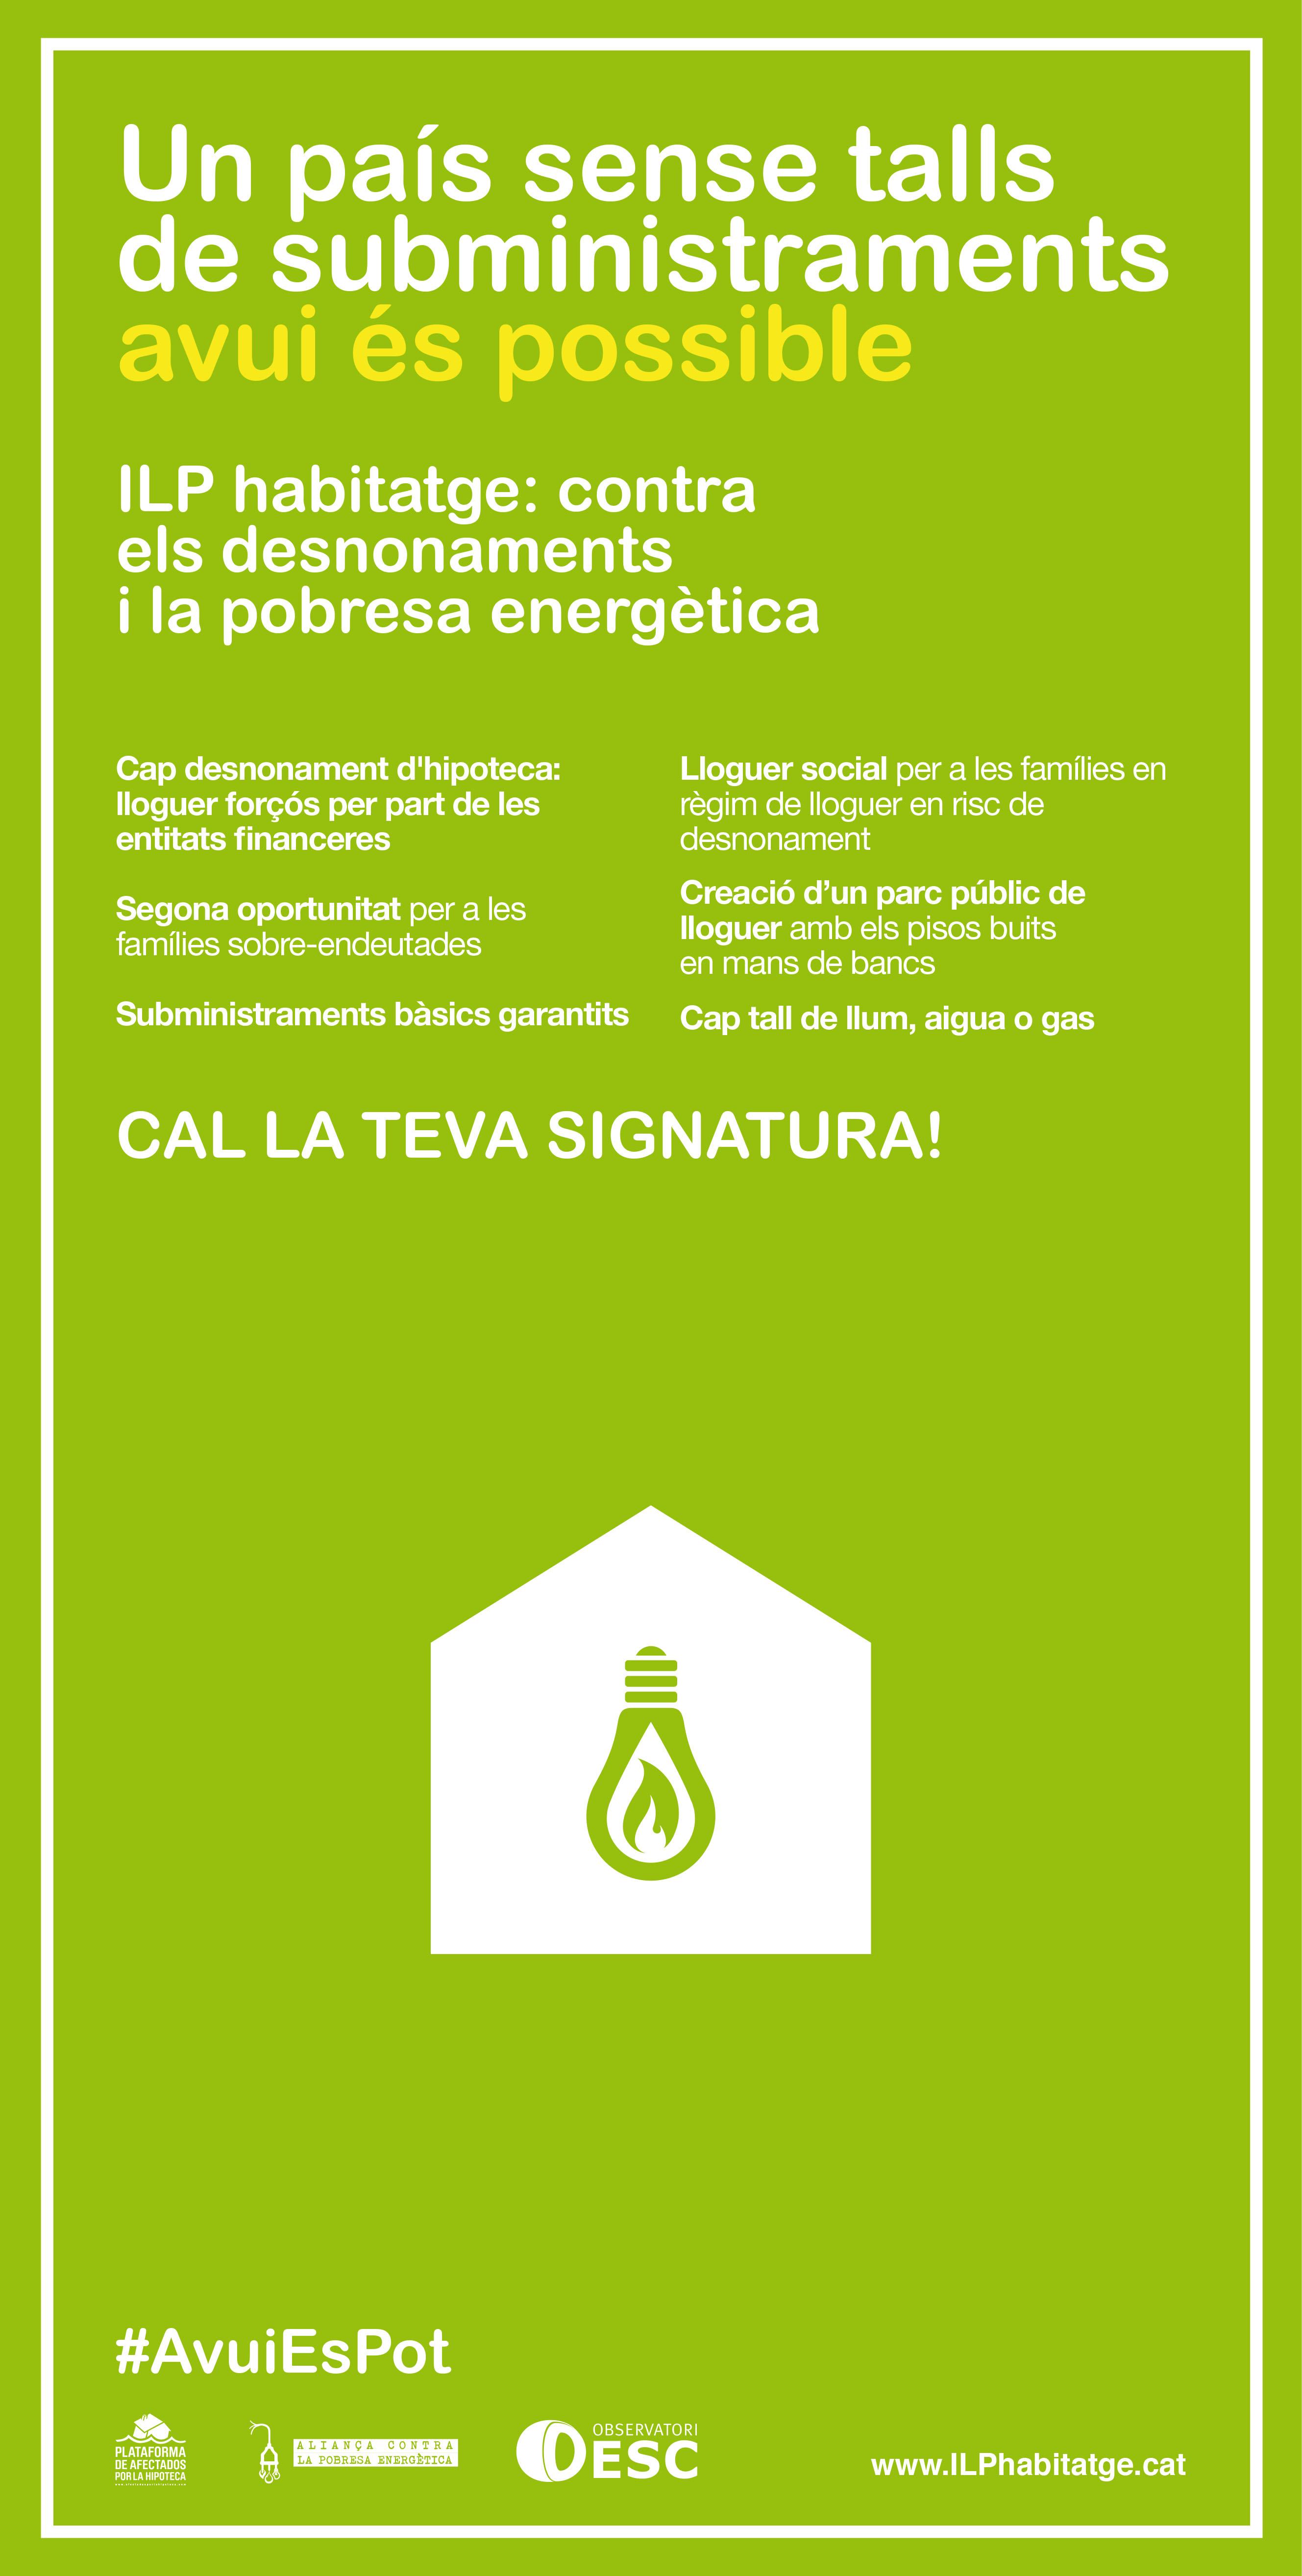 Cal la teva signatura